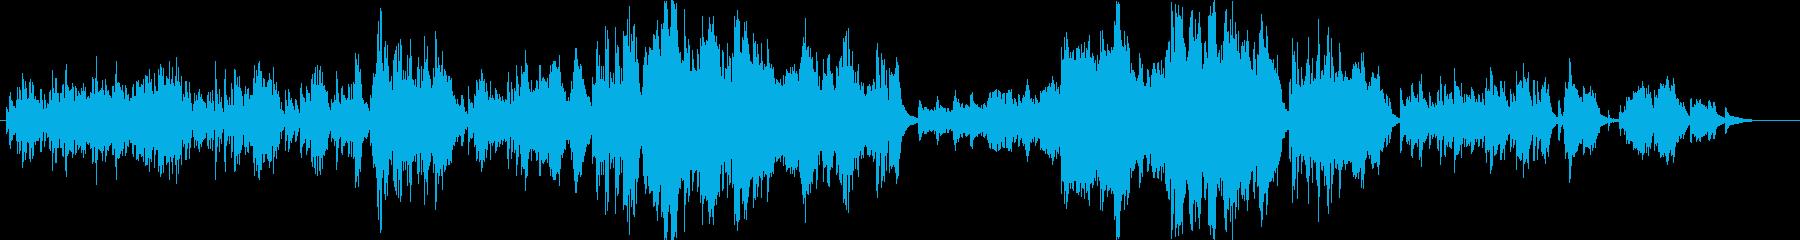 キュンとするピアノソロの再生済みの波形